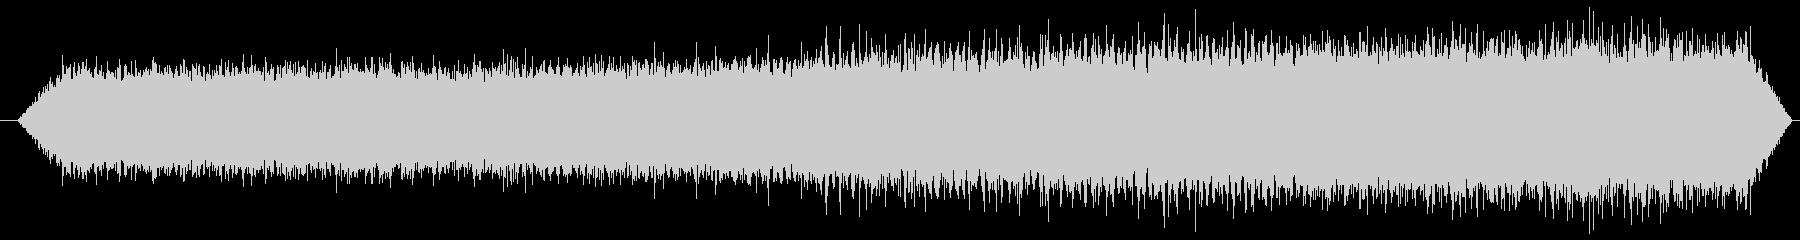 ミンミンゼミとアブラゼミ_01の未再生の波形